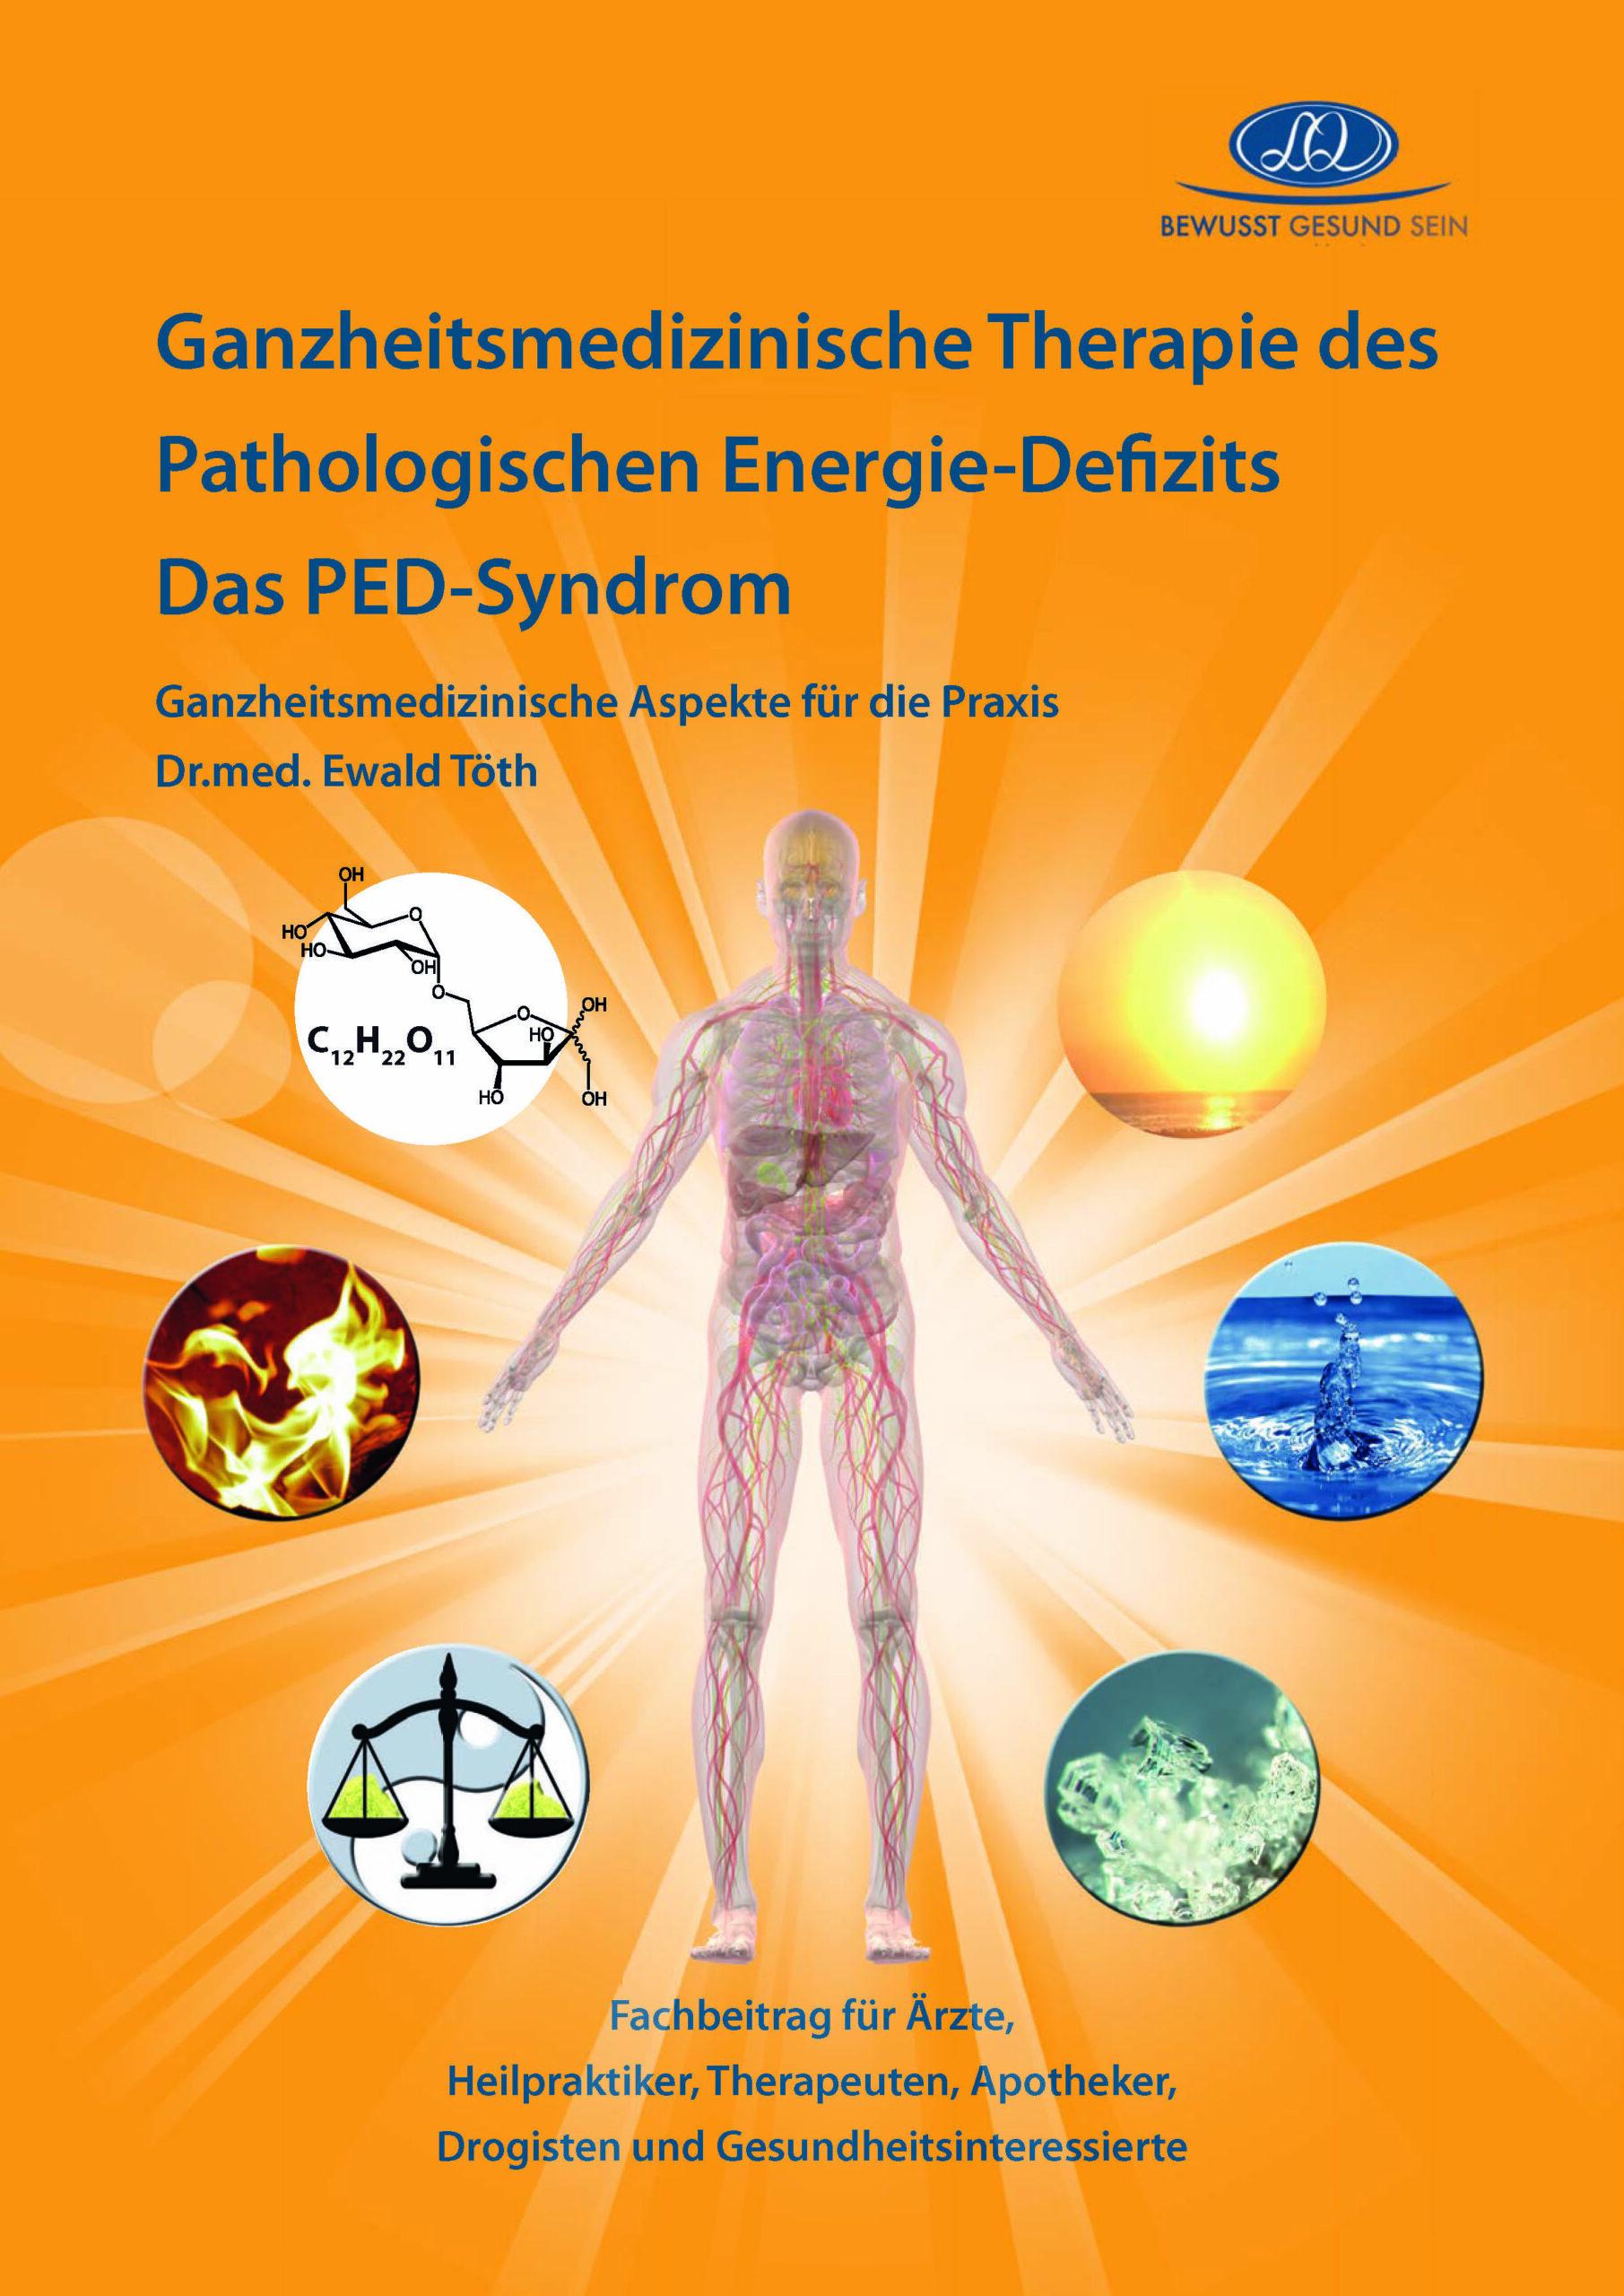 Ganzheitsmedizinische Therapie des Pathologischen Energie-Defizits